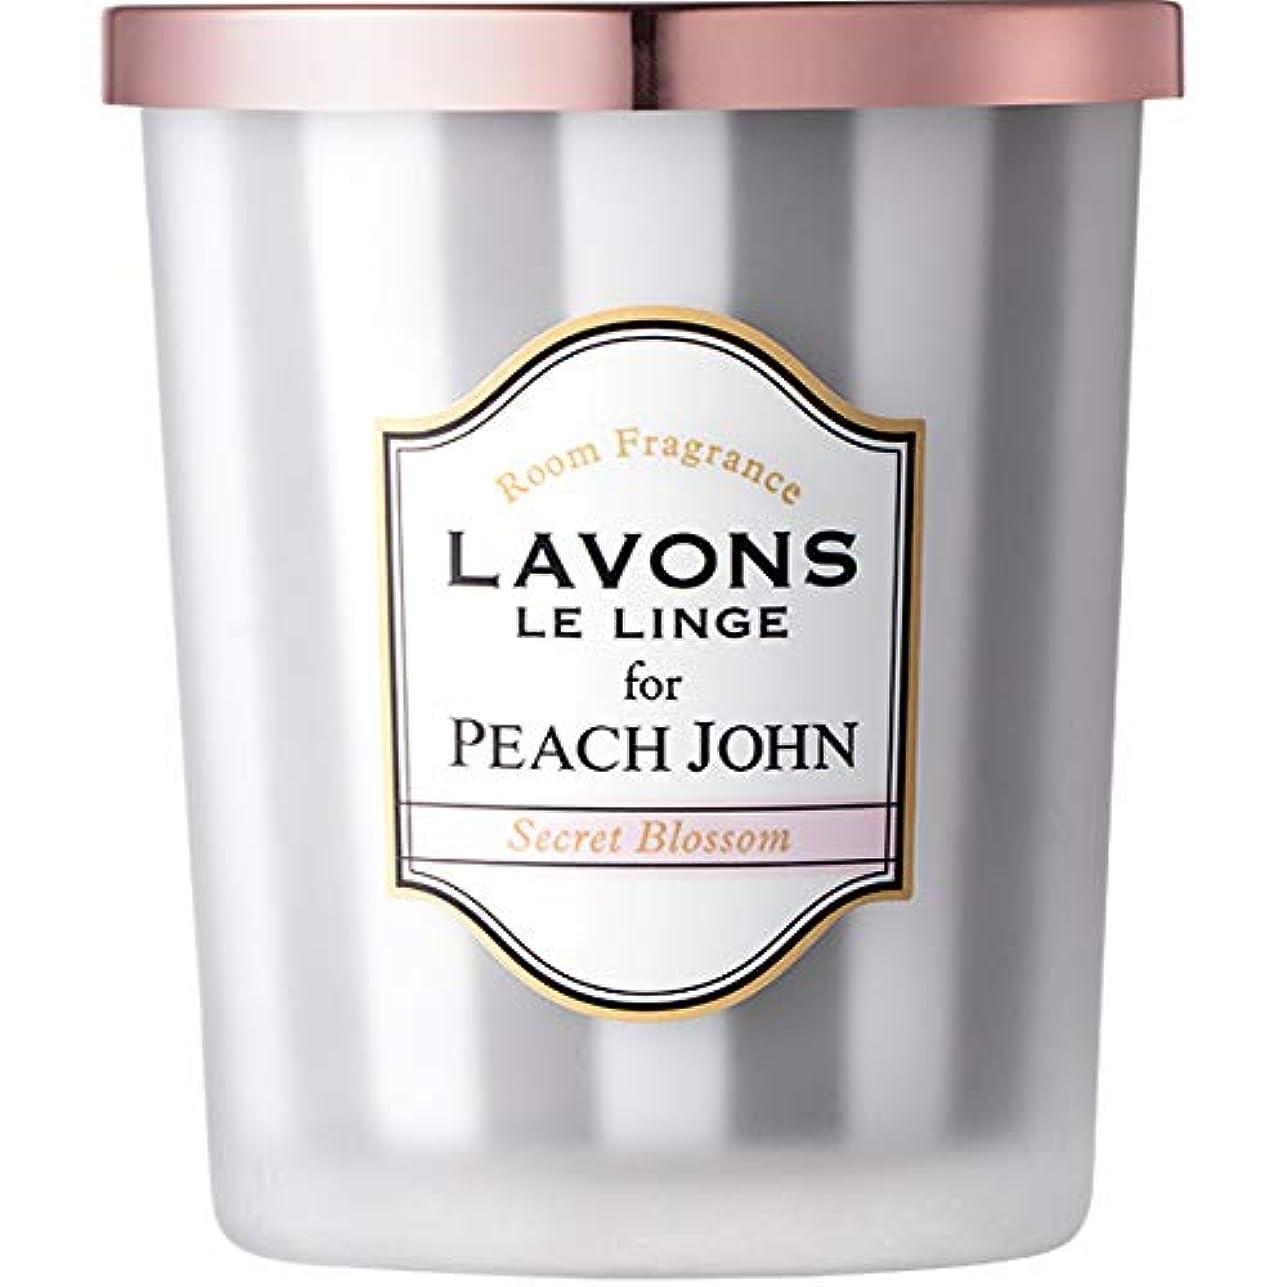 友情レインコート版ラボン for PEACH JOHN 部屋用フレグランス シークレットブロッサムの香り 150g